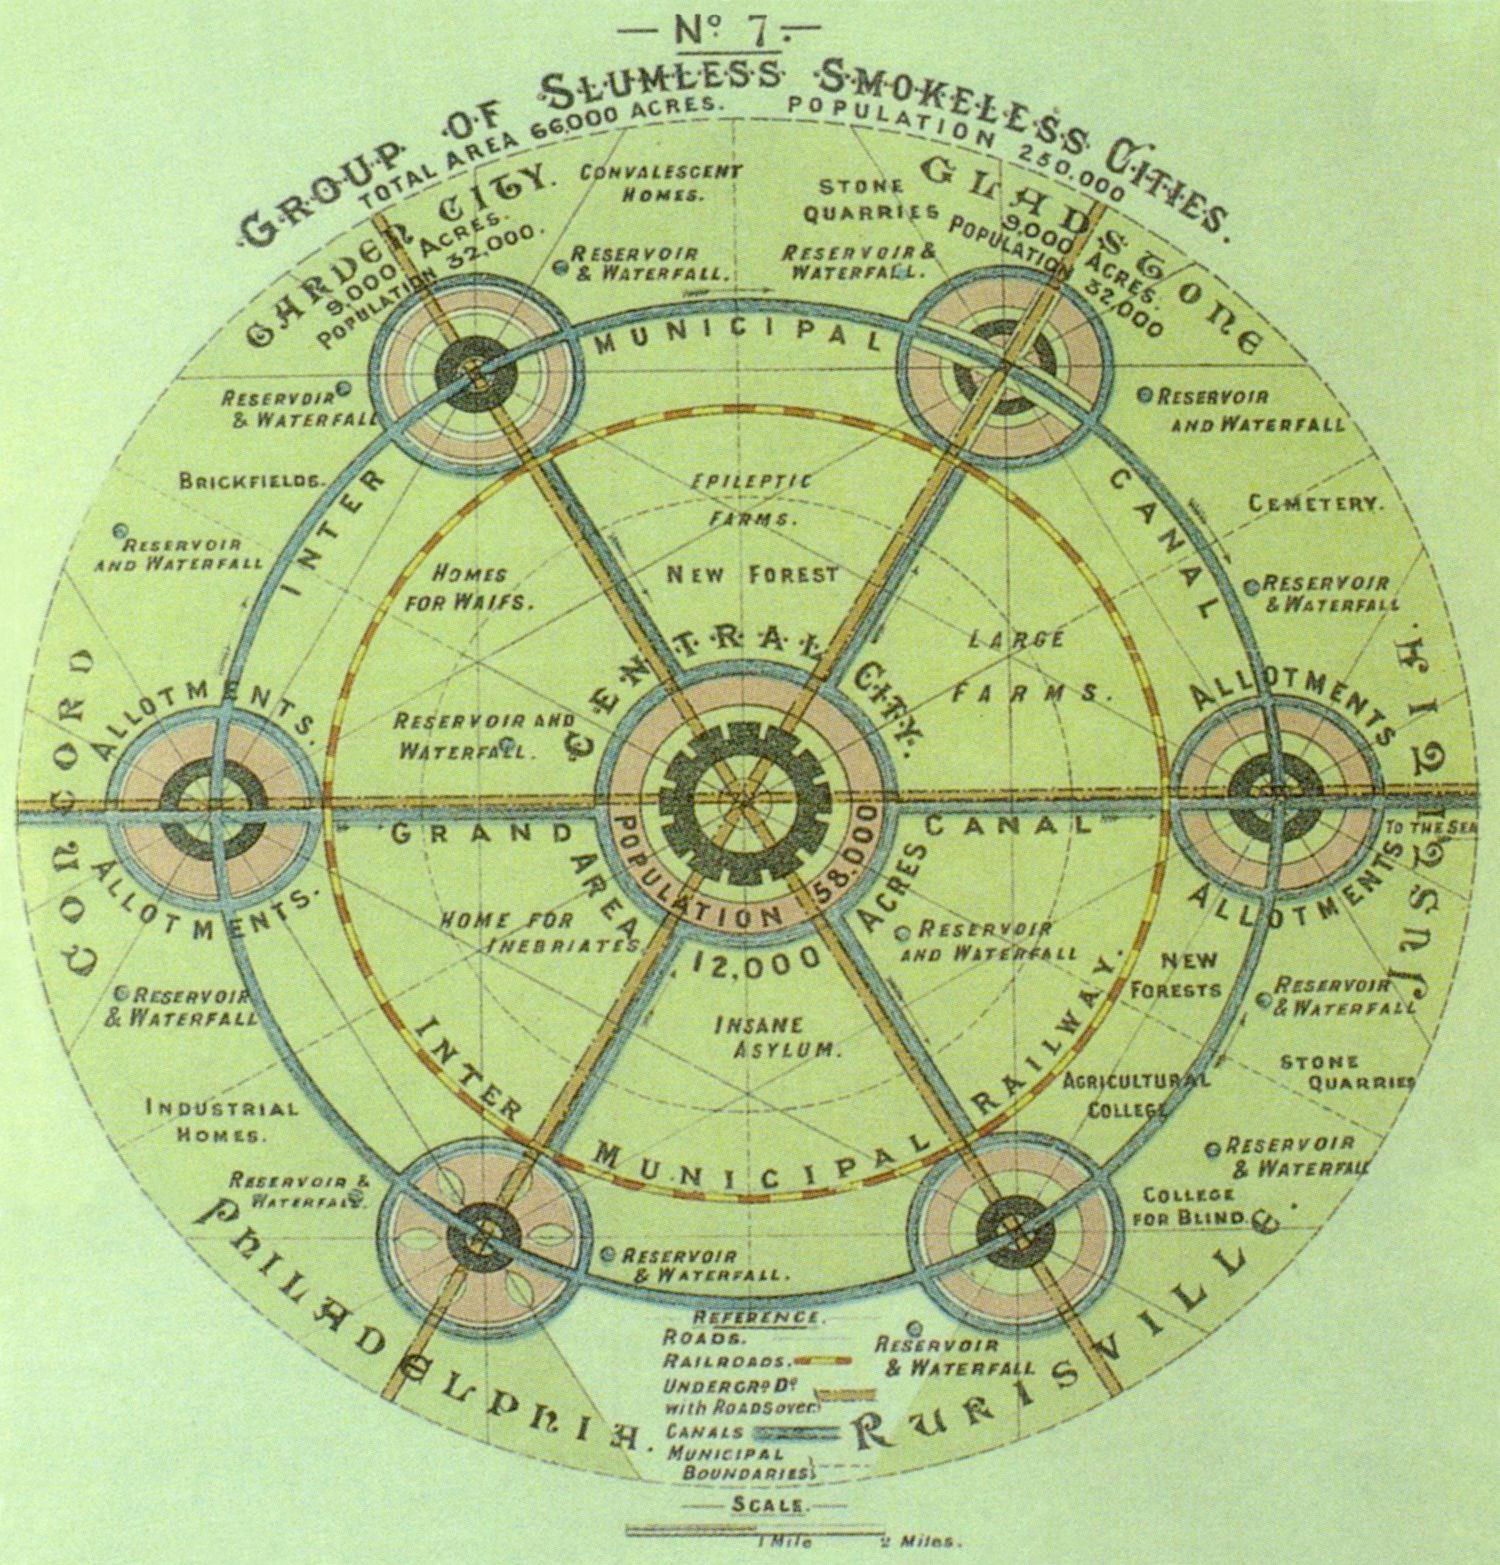 Gartenstadt Ebenezer Howard Konzept Modell Städtebauliches Leitbild Konzept Modell ideal